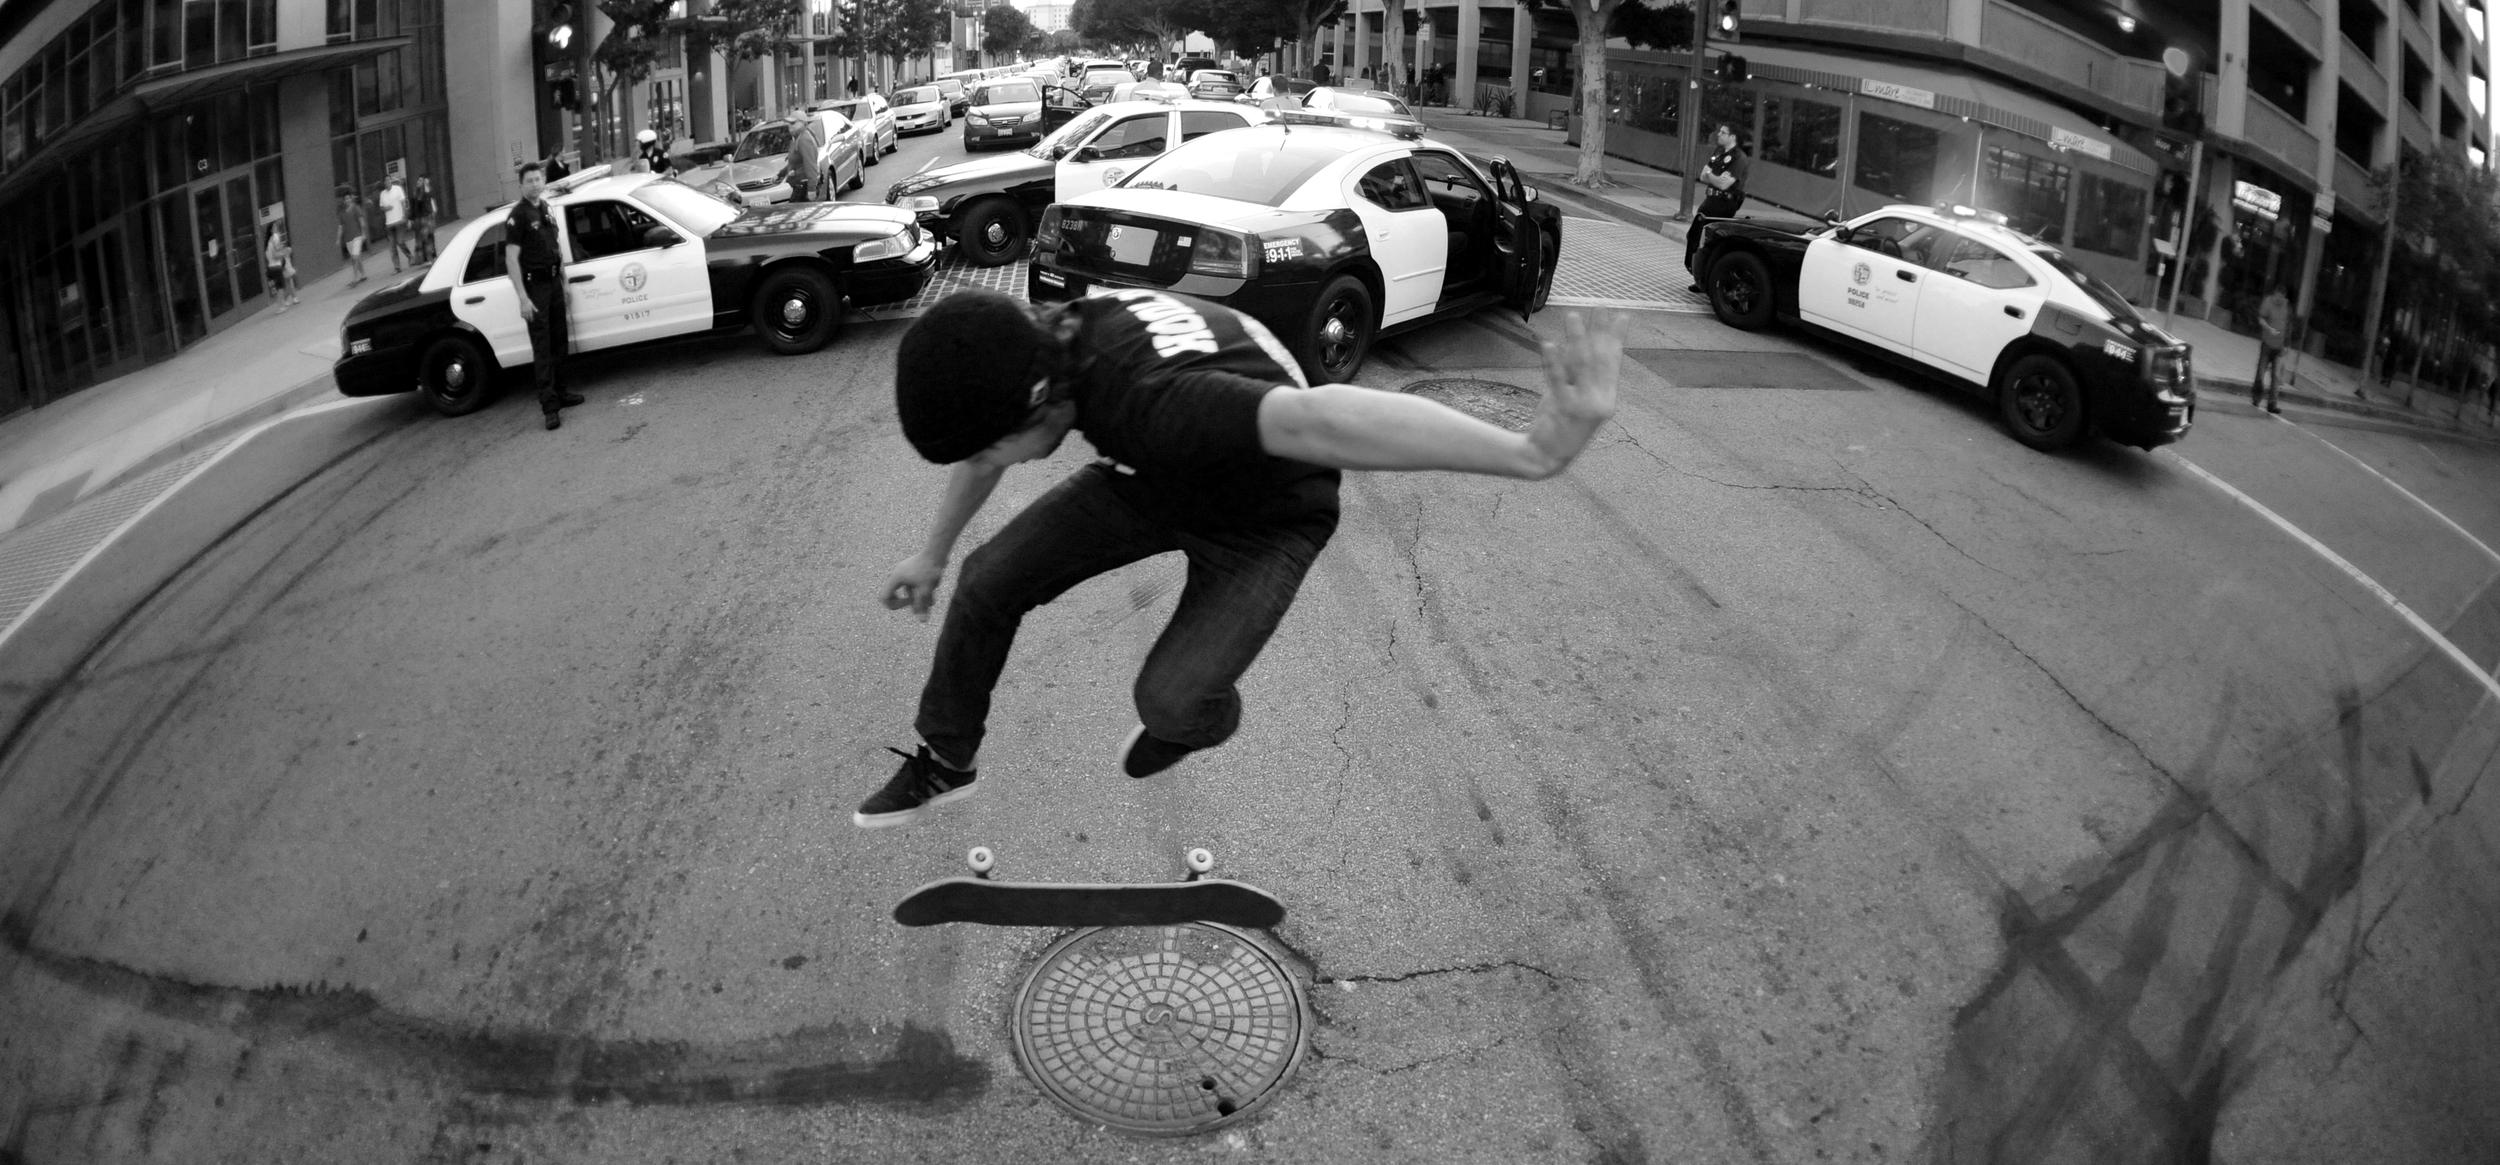 Steve Hansen 360 flip -Downtown L.A.